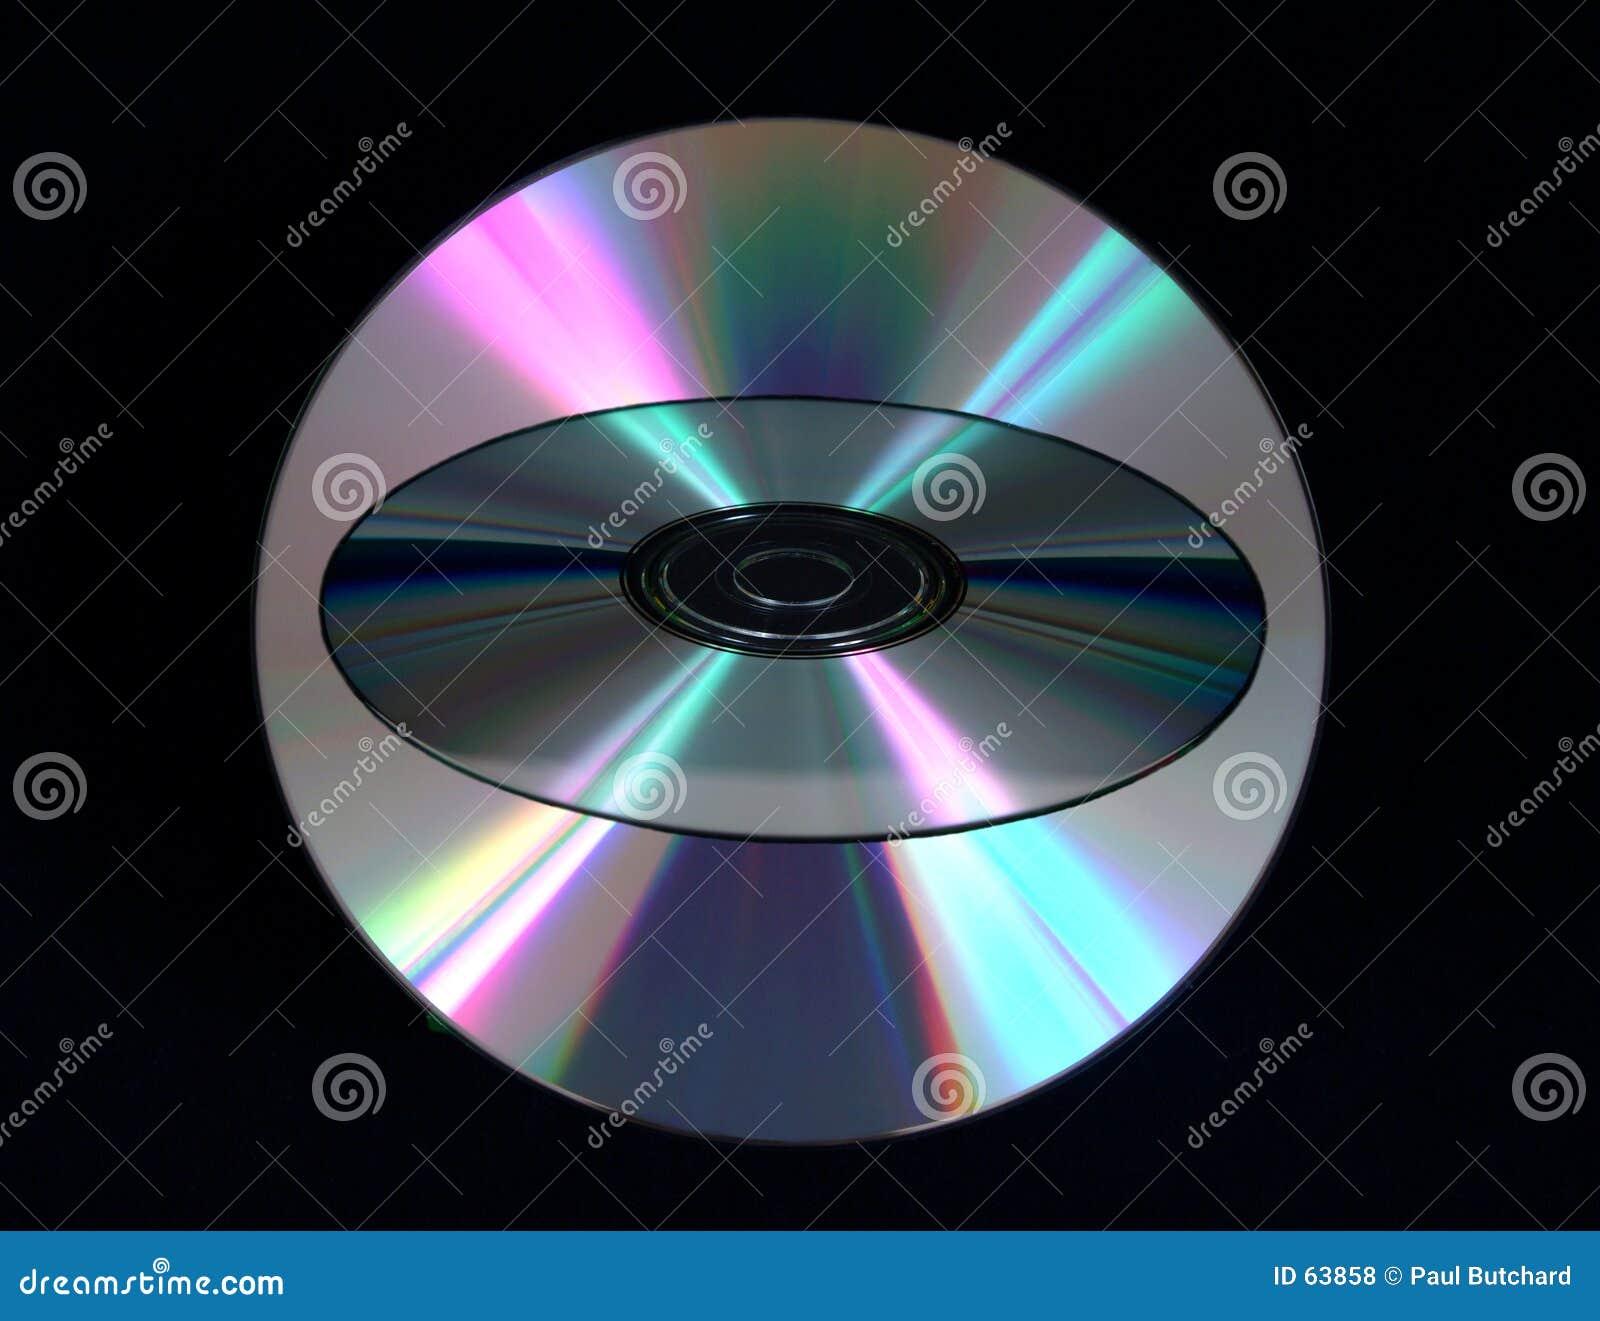 верхний слой компакта-диска